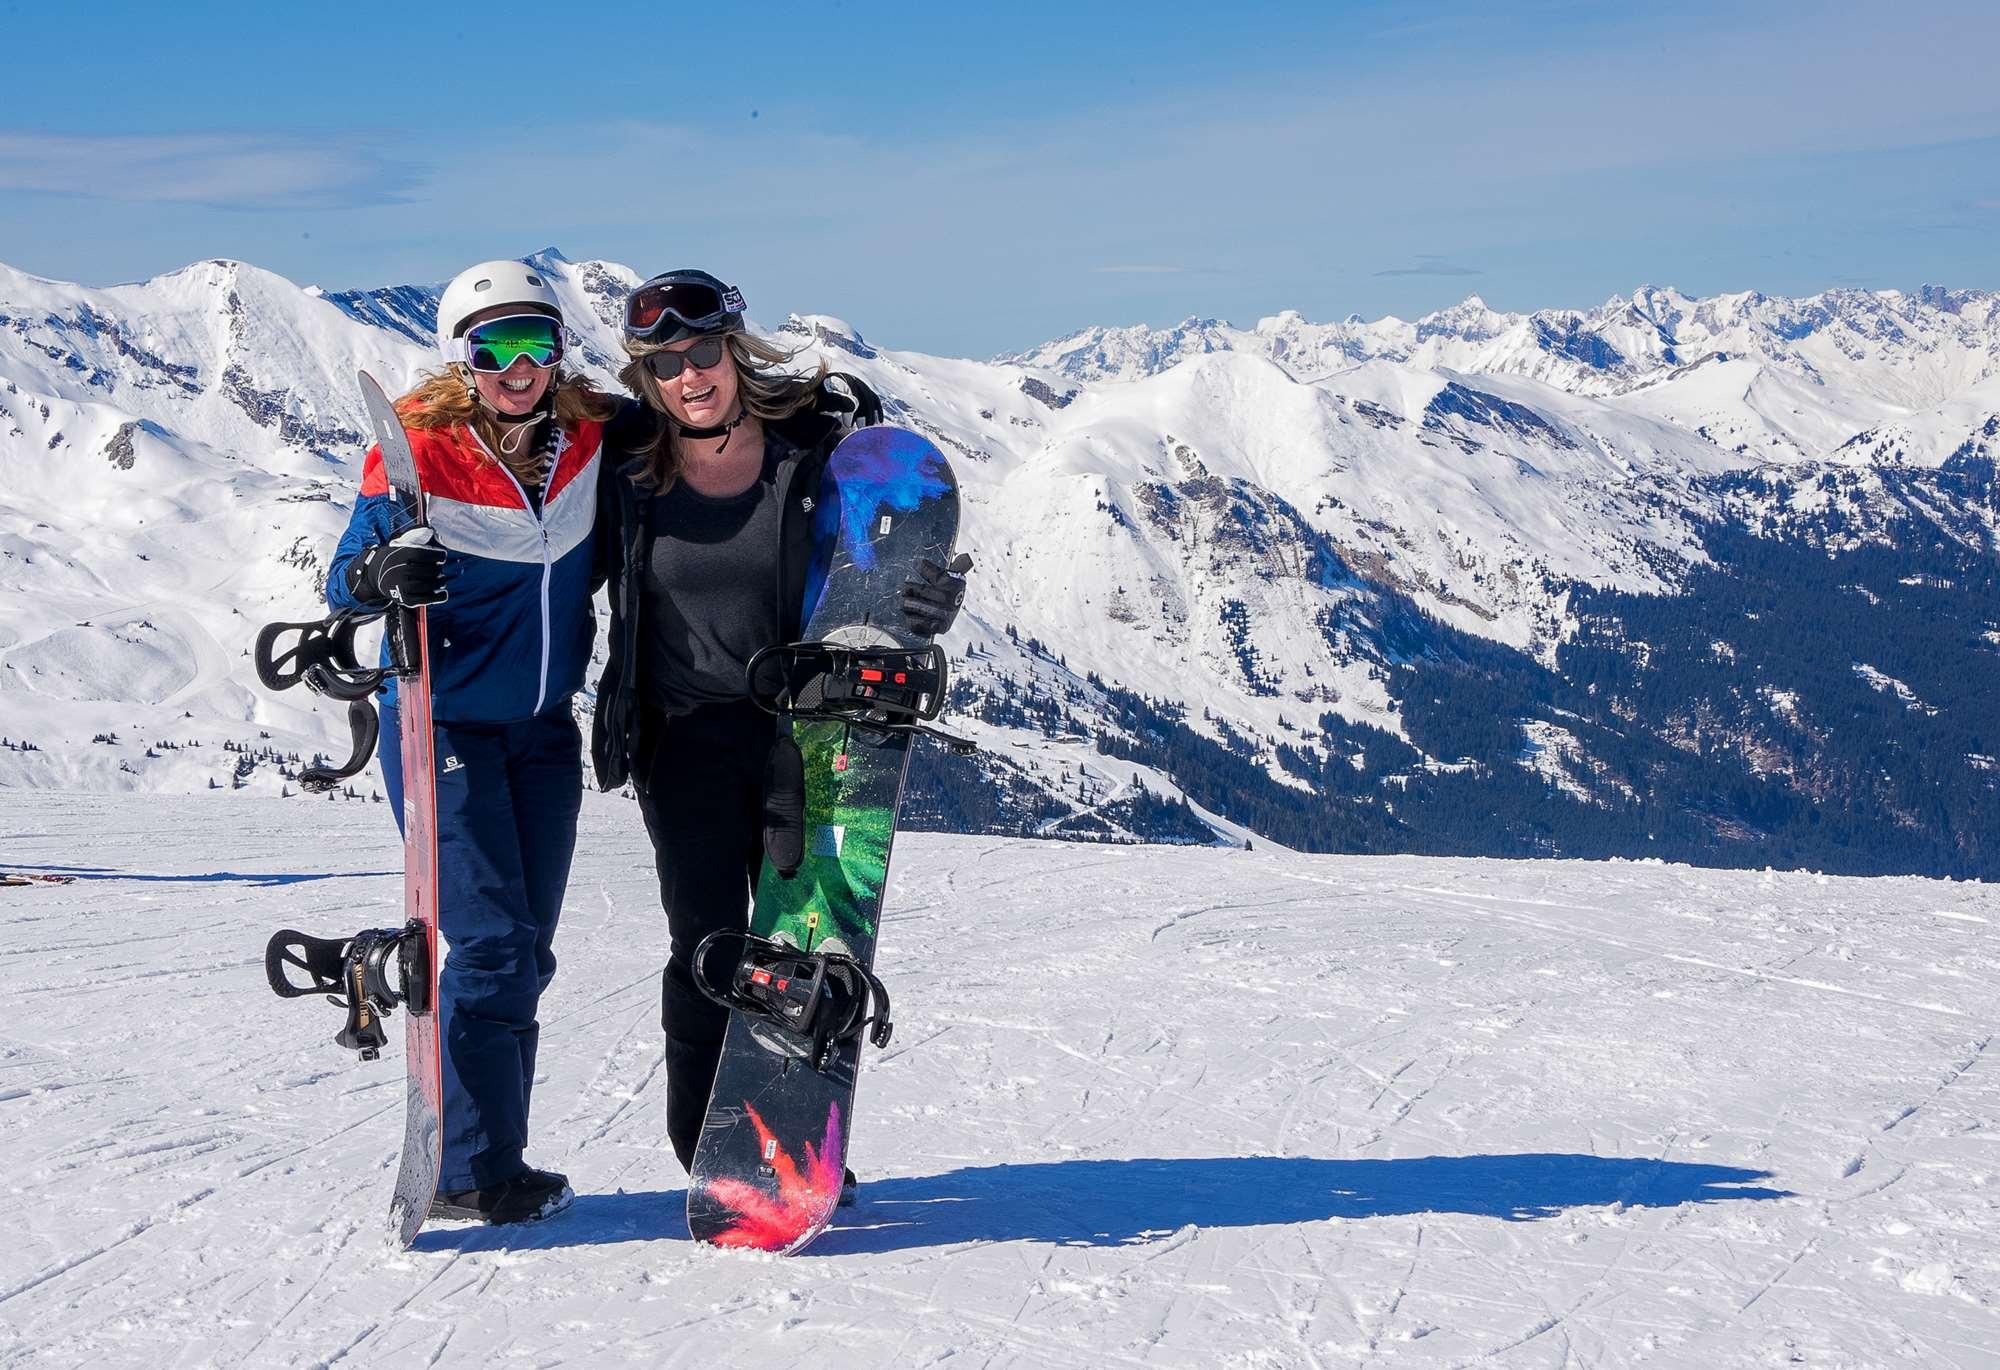 Snowboarding in Bad Gastein